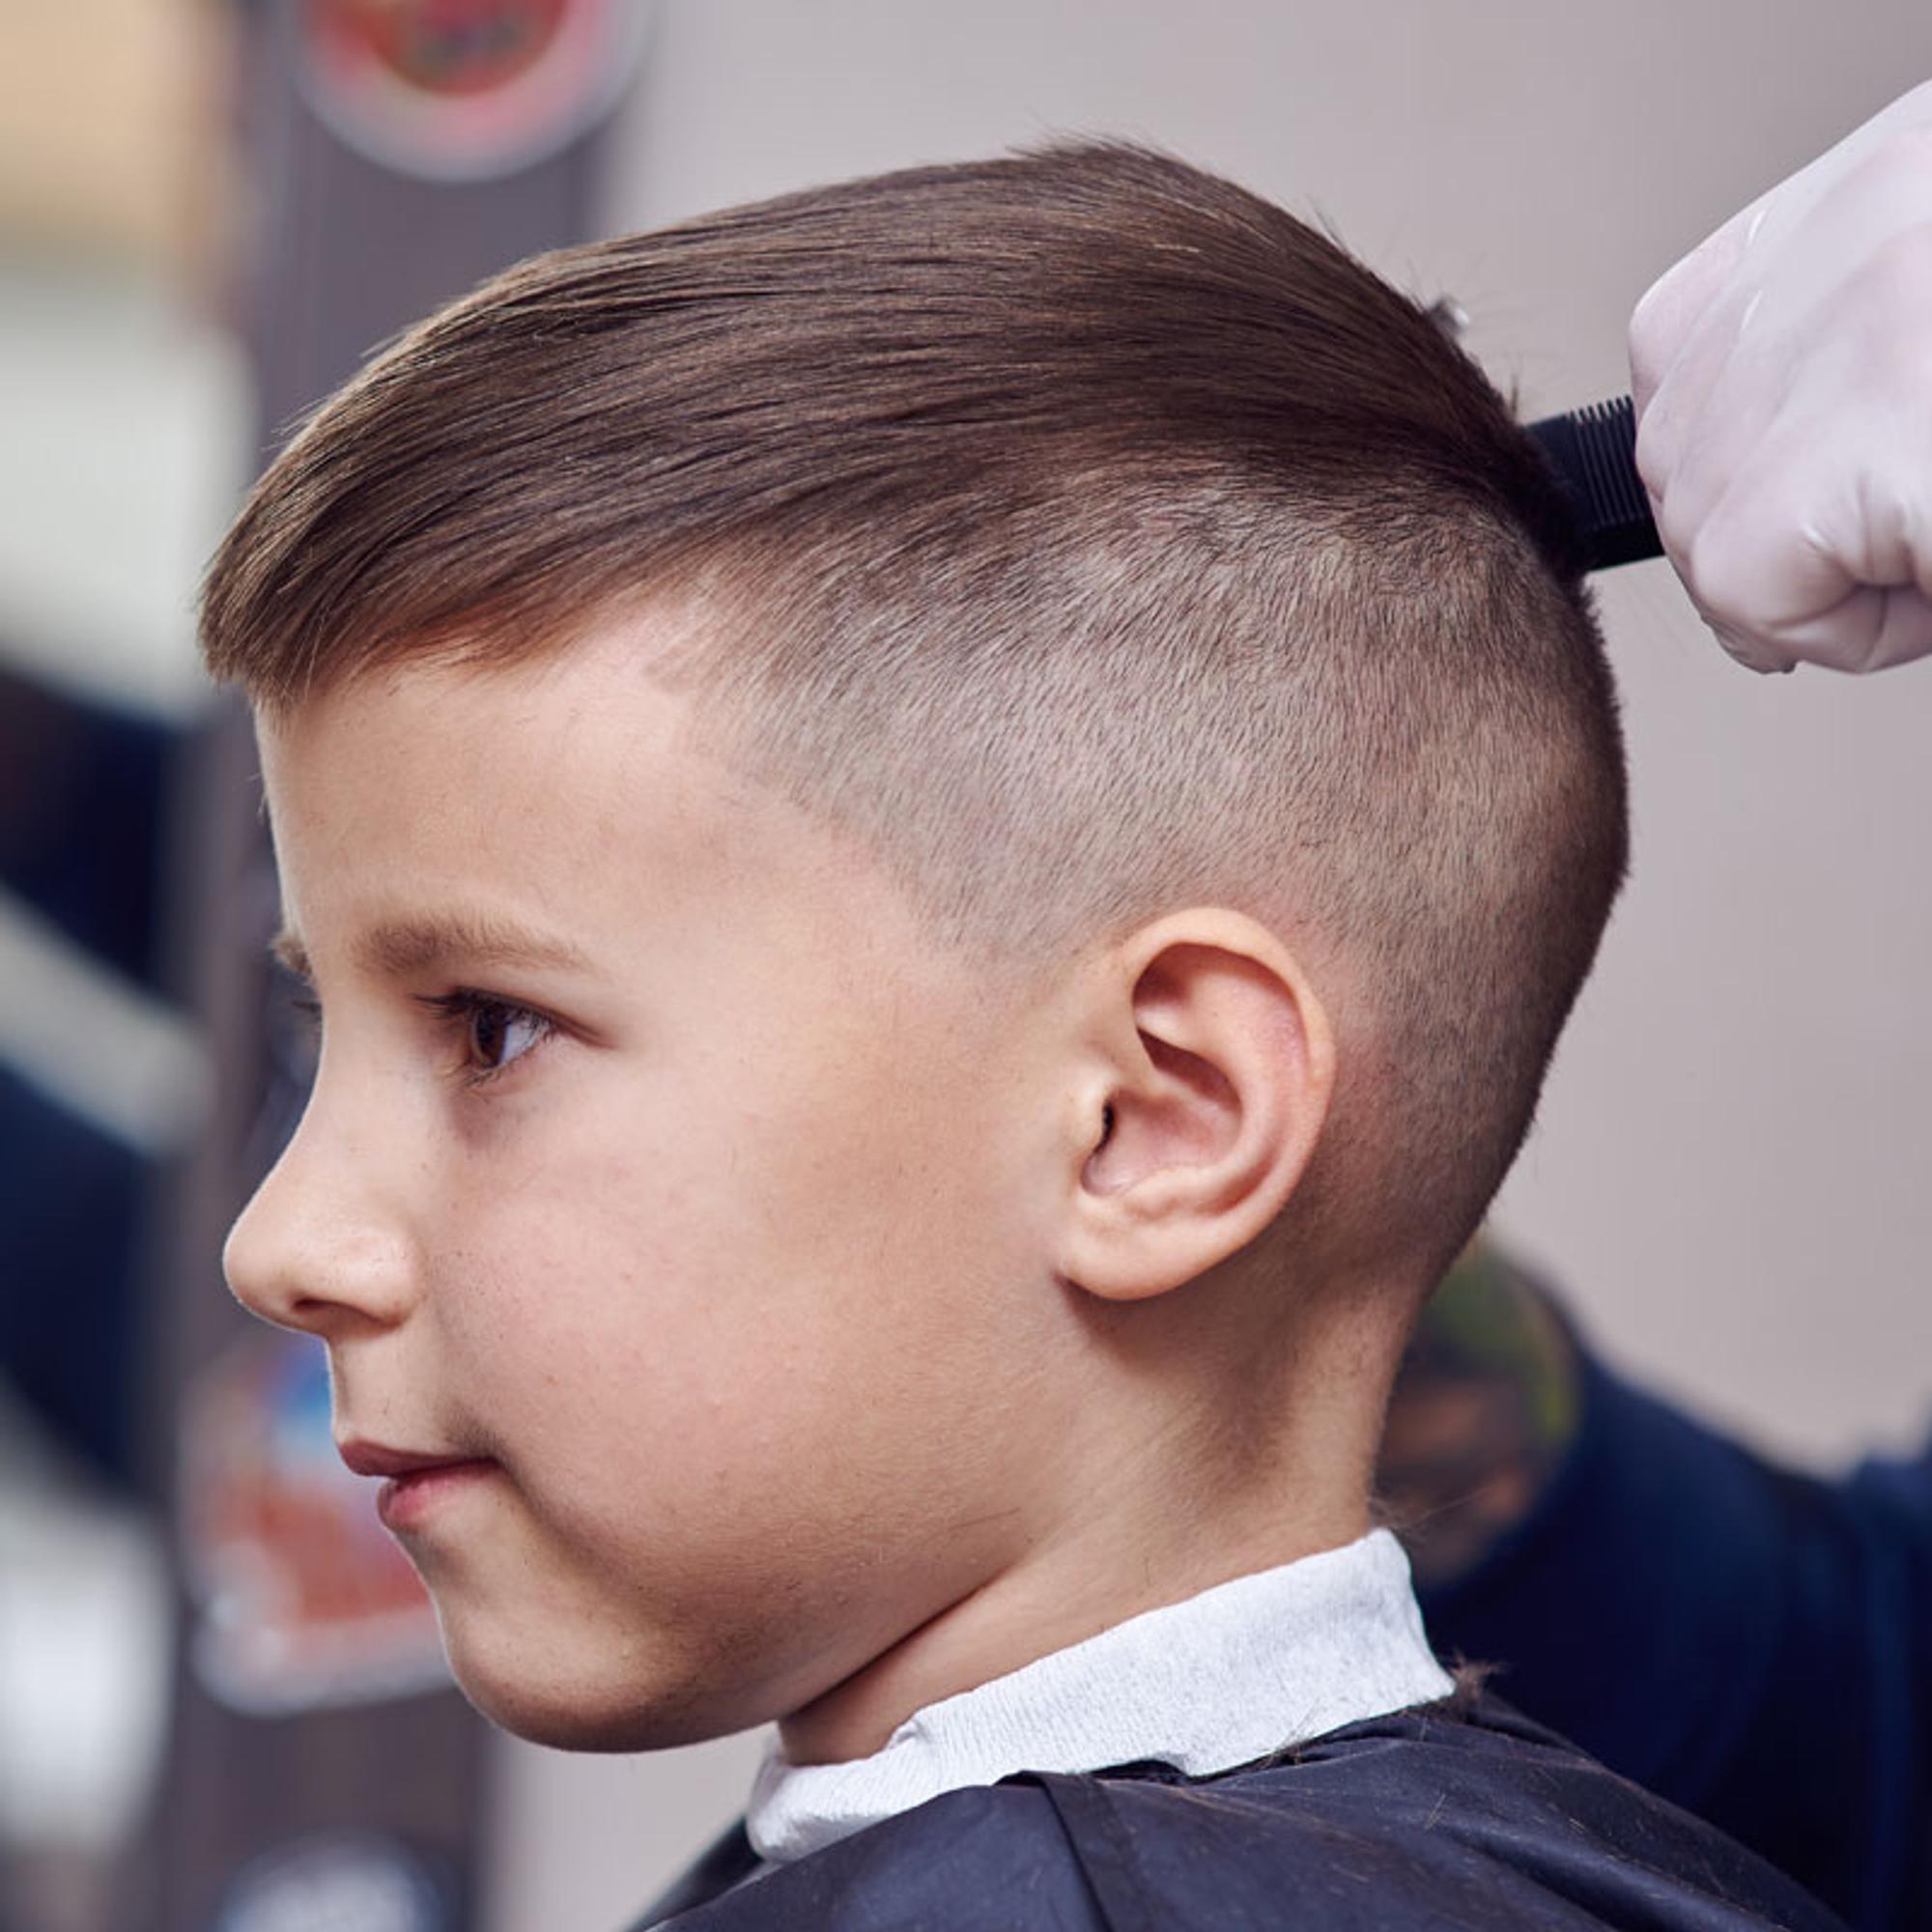 11 coole Frisuren für Jungs zum Nachstylen - Hallo Eltern